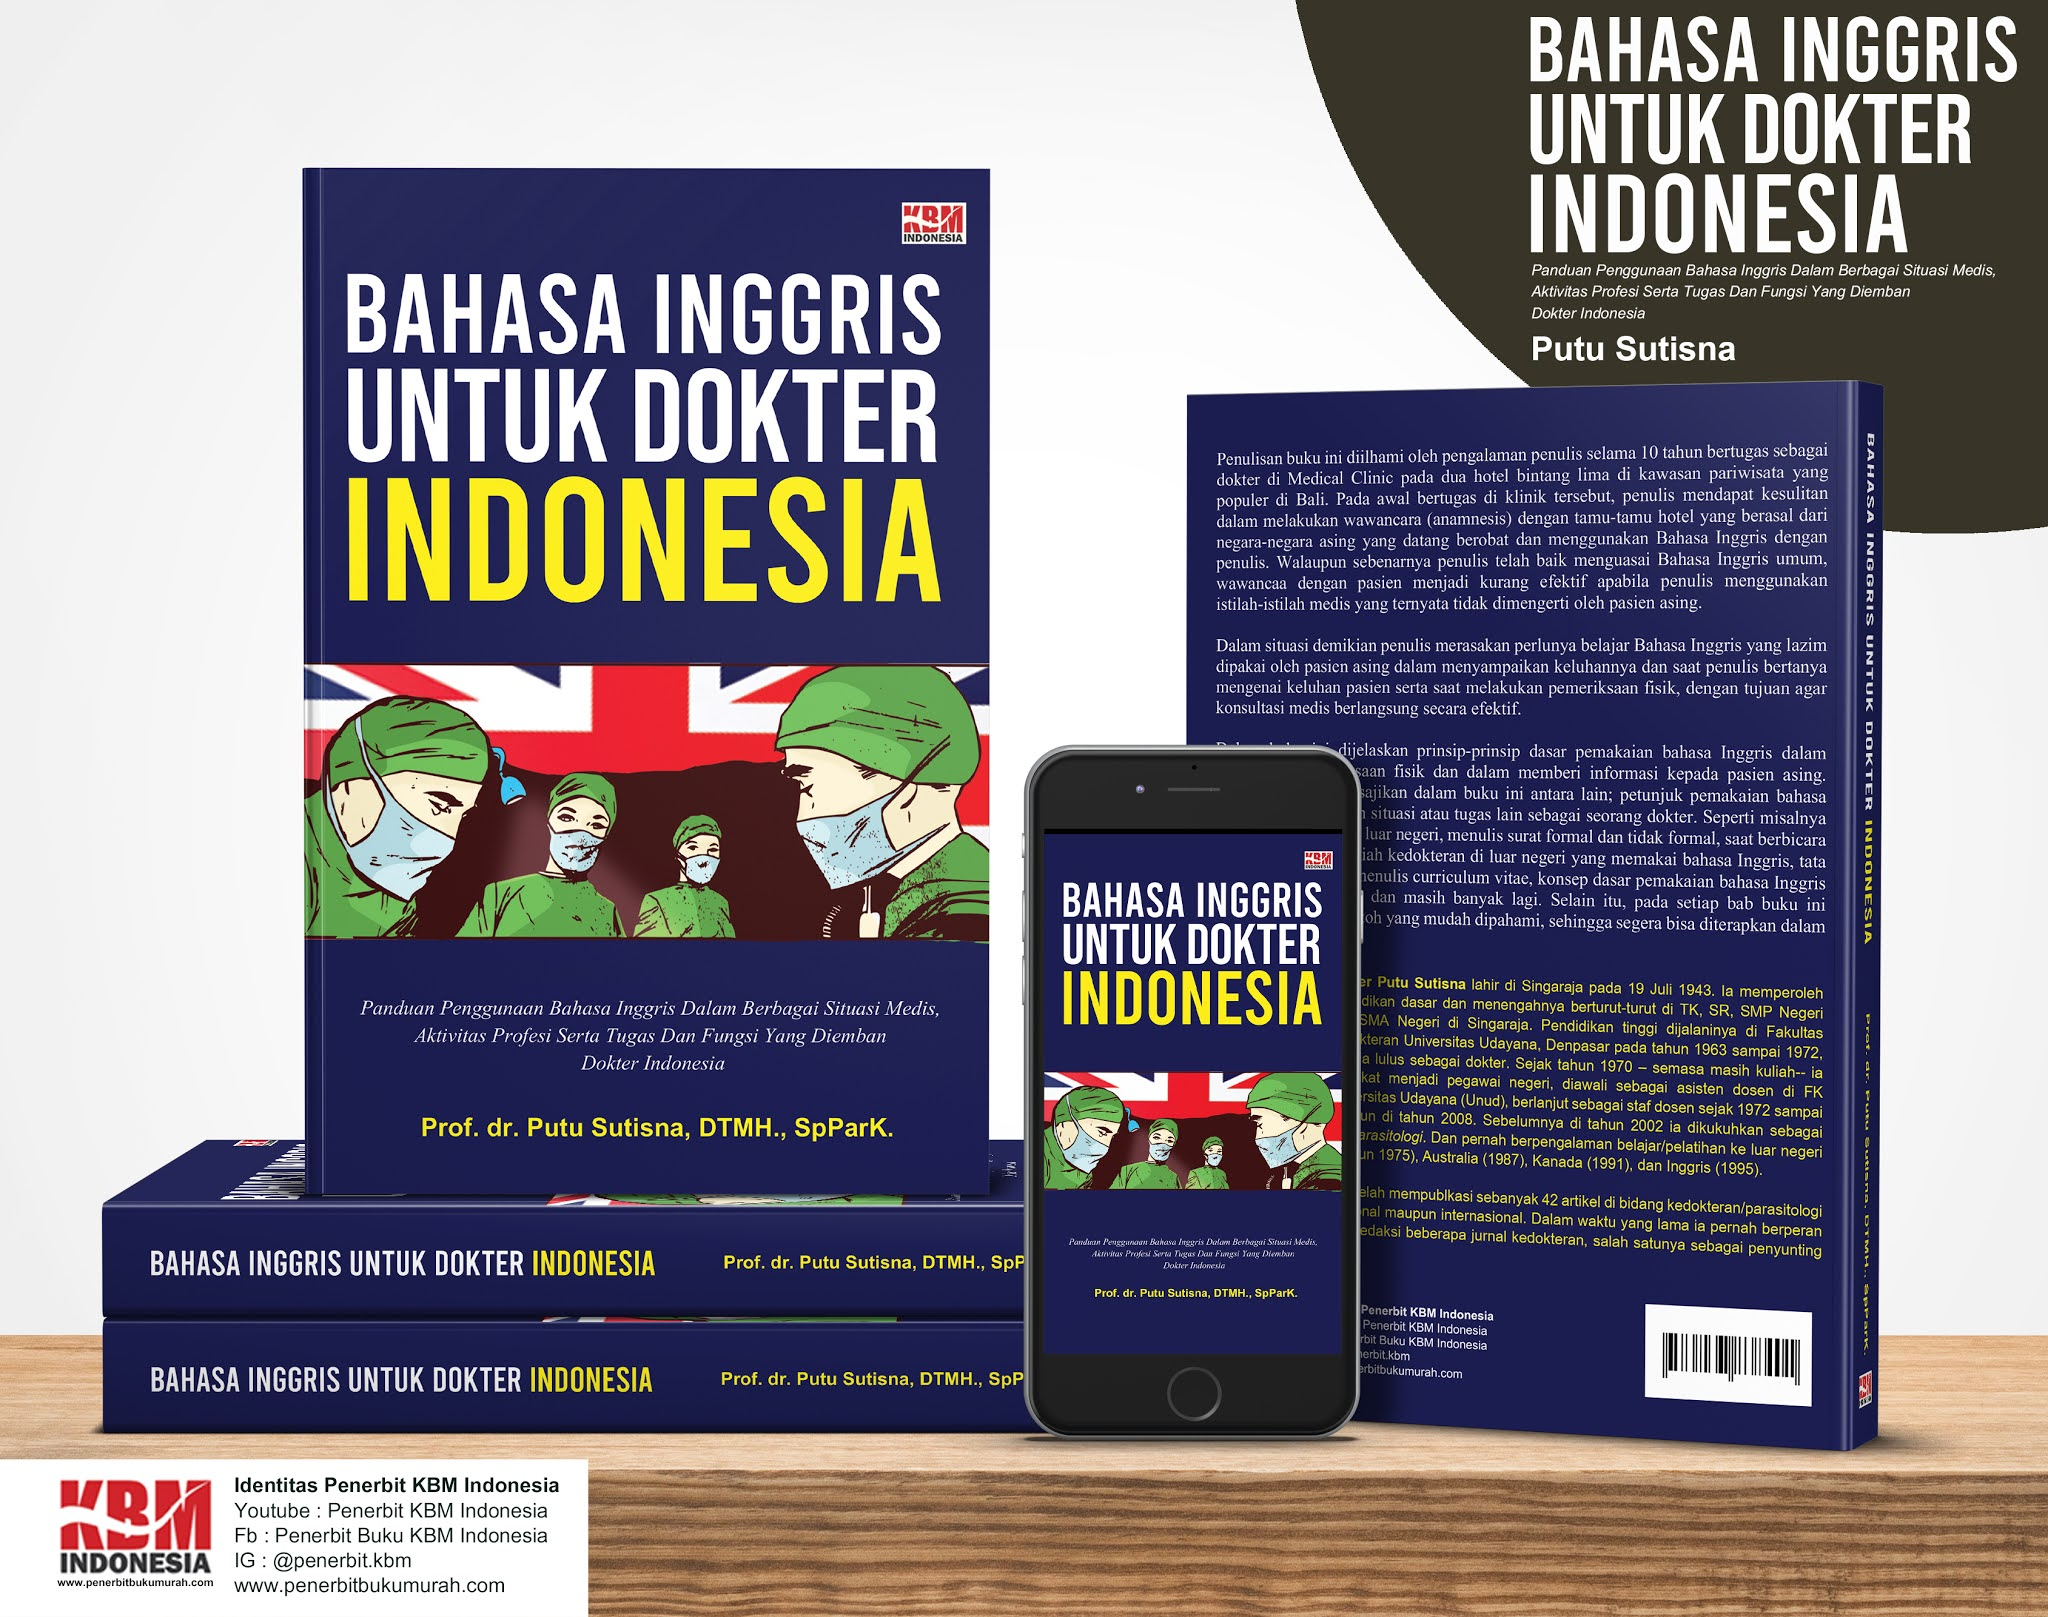 BAHASA INGGRIS UNTUK DOKTER INDONESIA